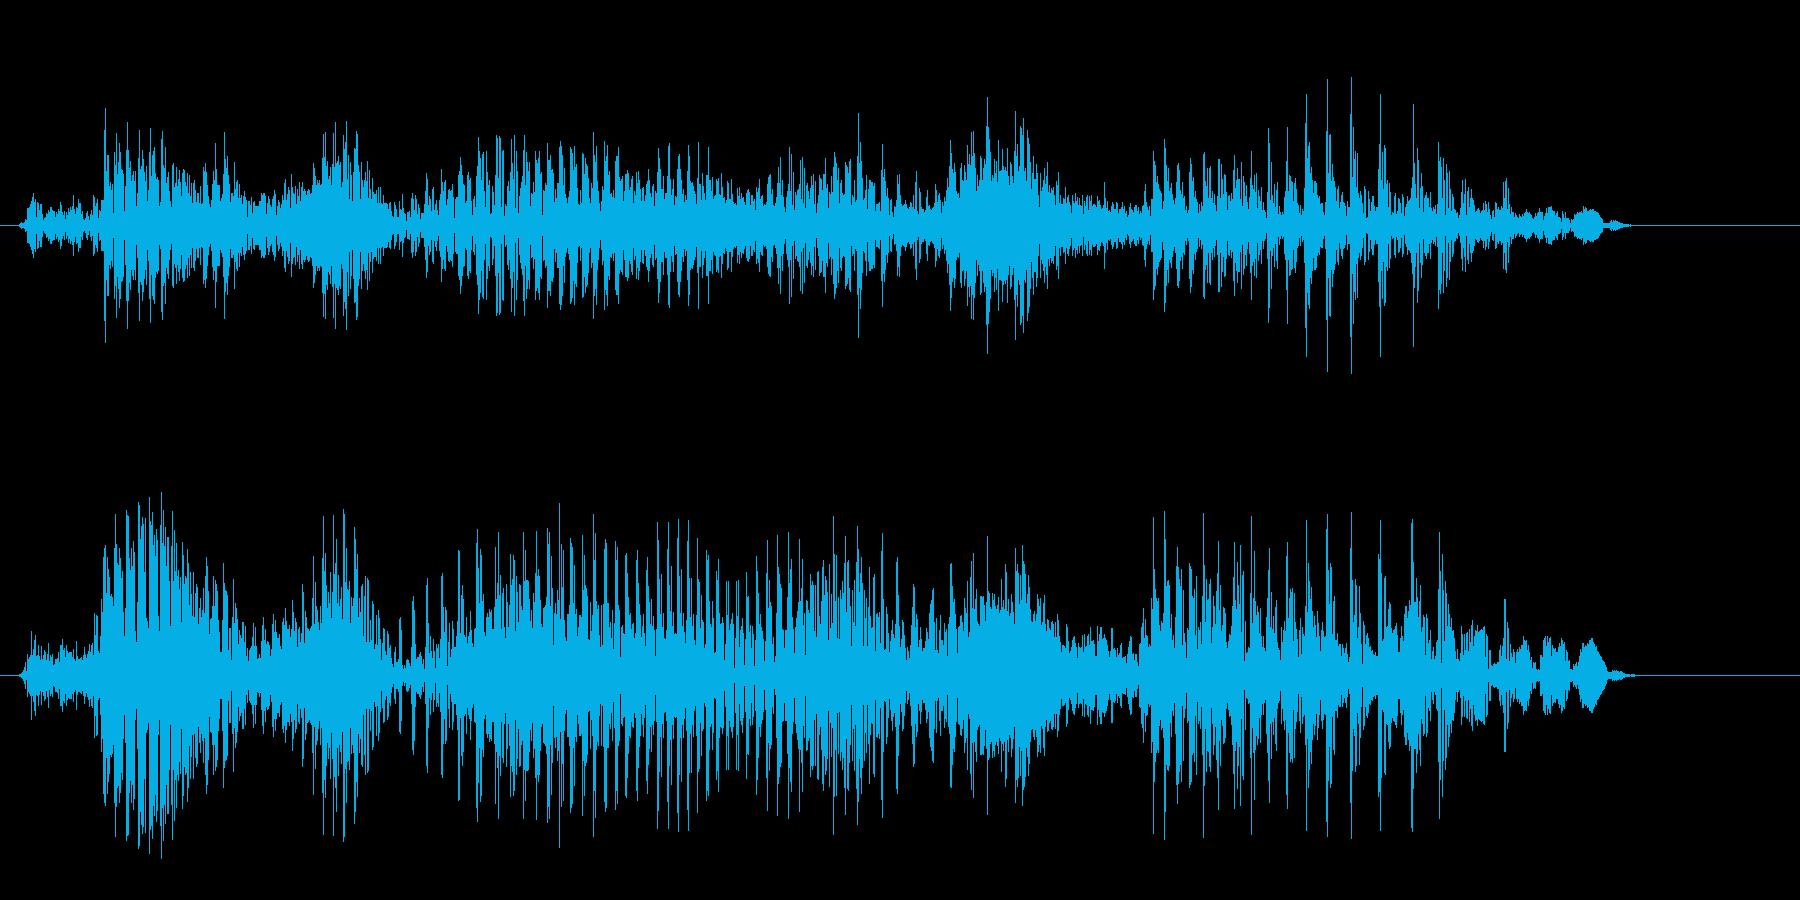 何かの開始を告げるカタコトの男性の声の再生済みの波形